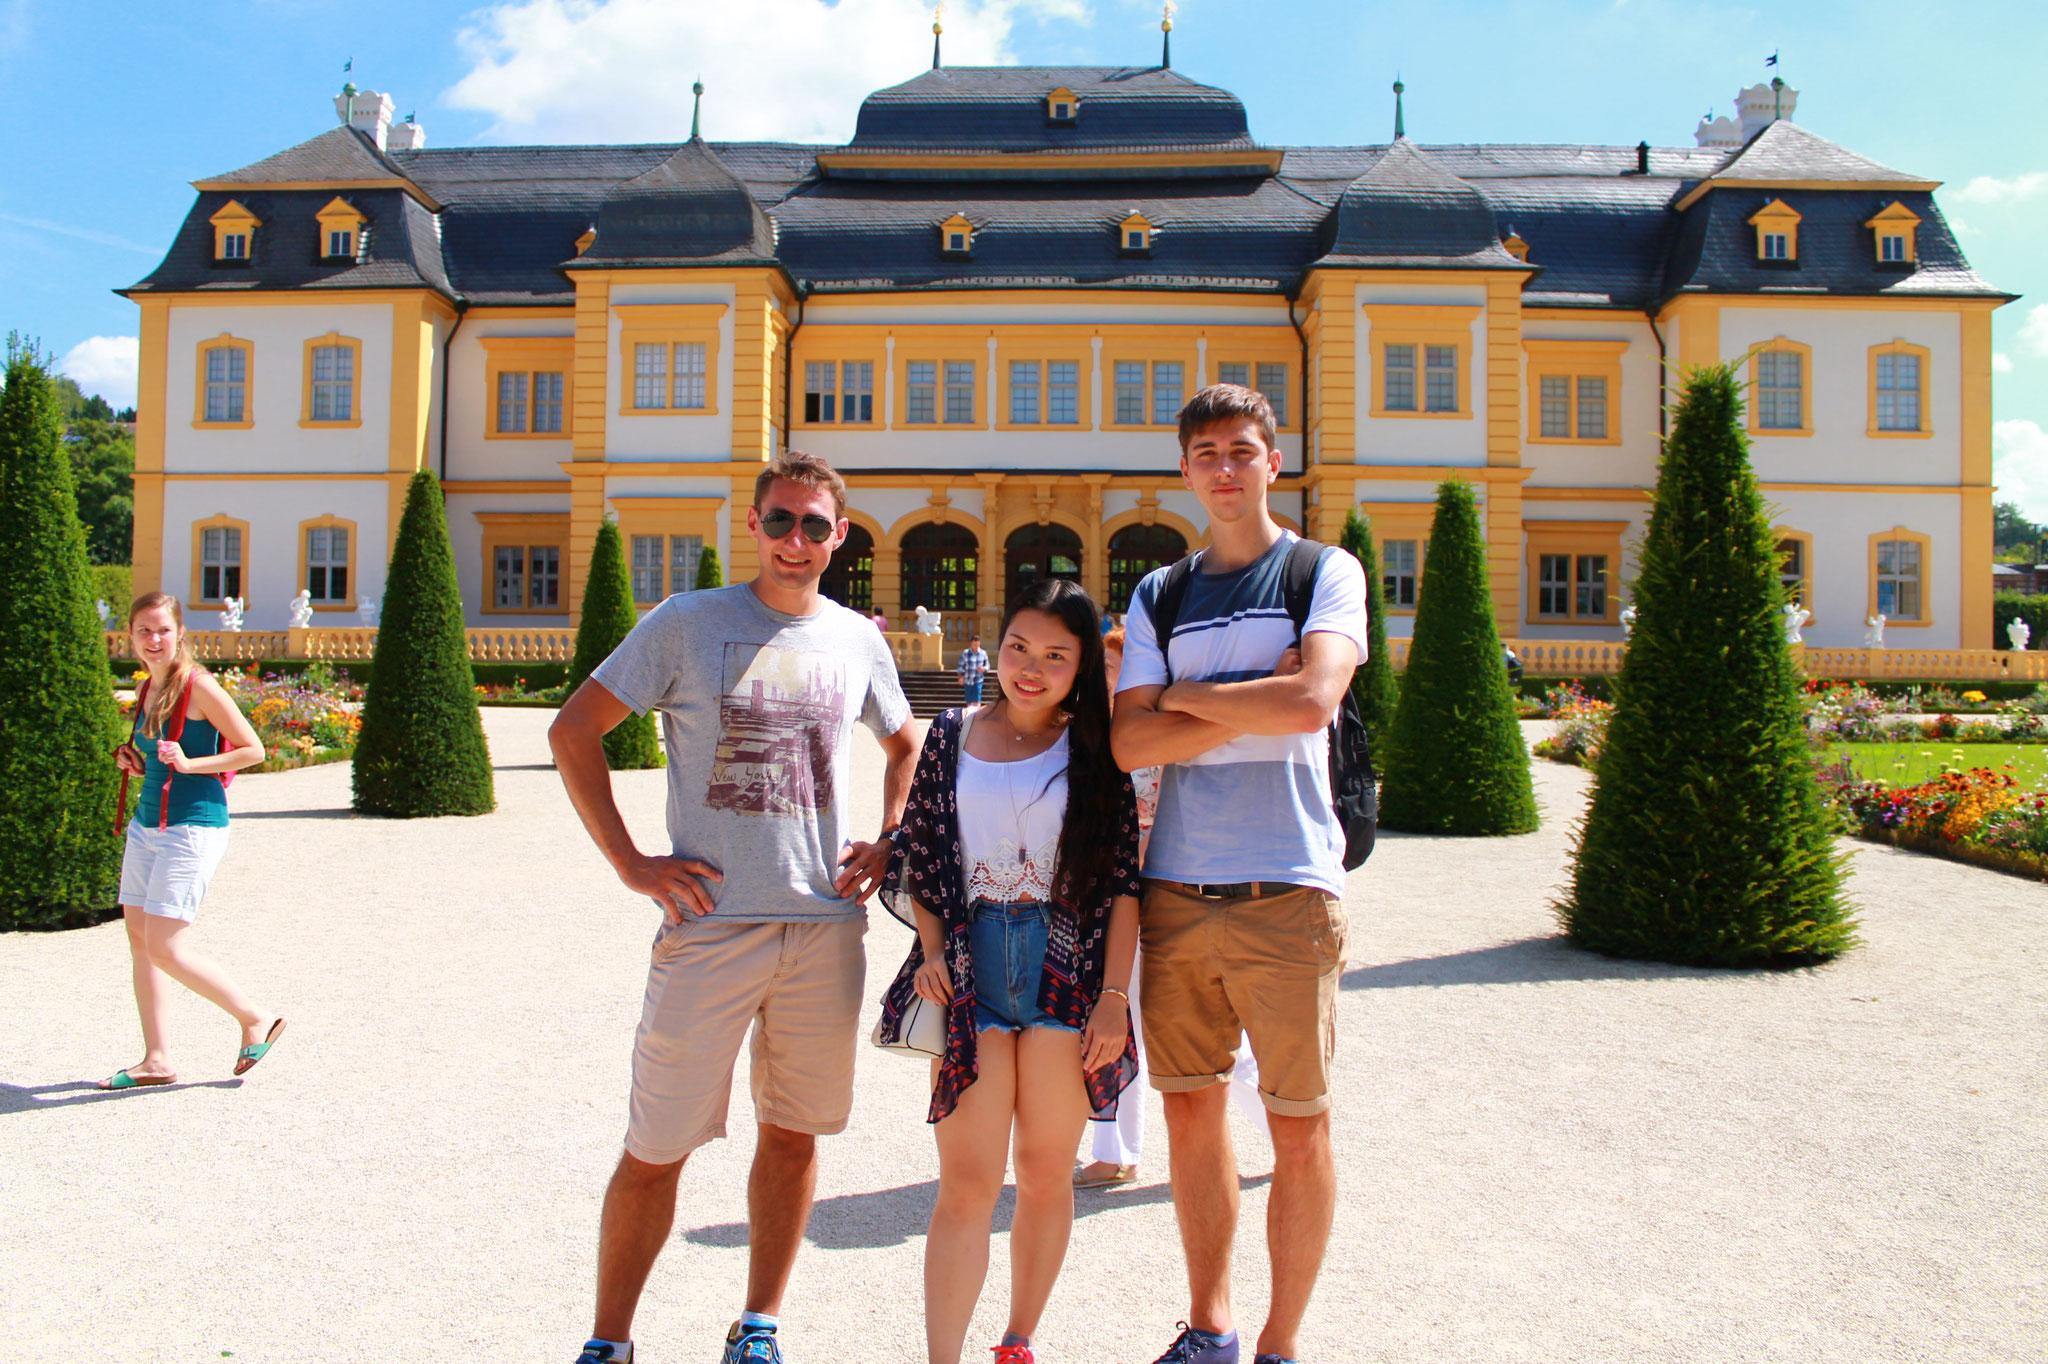 Deutsch-Sommersprachkurs Universität Würzburg, Deutsch lernen in Würzburg, Kulturprogramm, Tagesausflug Veitshöchheim, Schloss